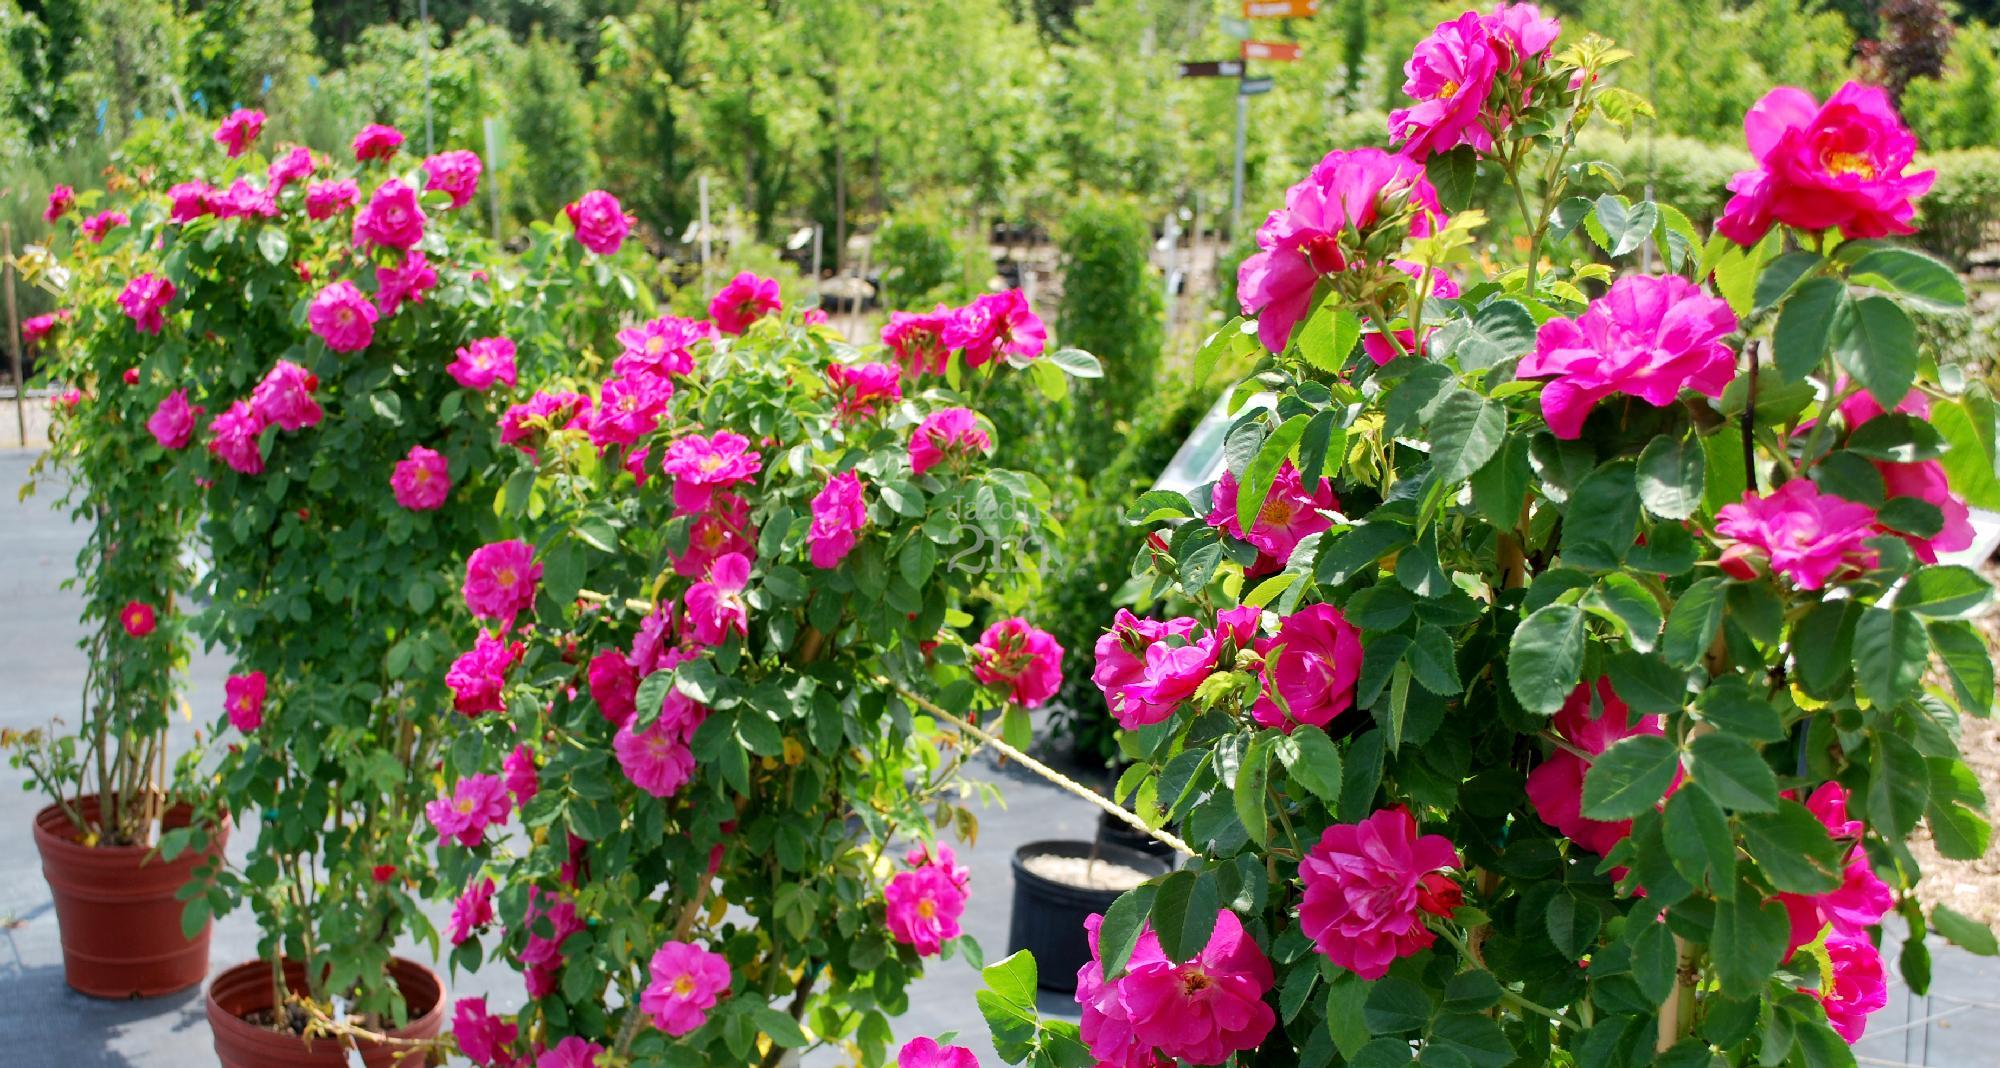 Rosa rugosa john cabot grimpant rosier explorateur rose nos v g taux jardin2m - Comment tailler un rosier grimpant ...